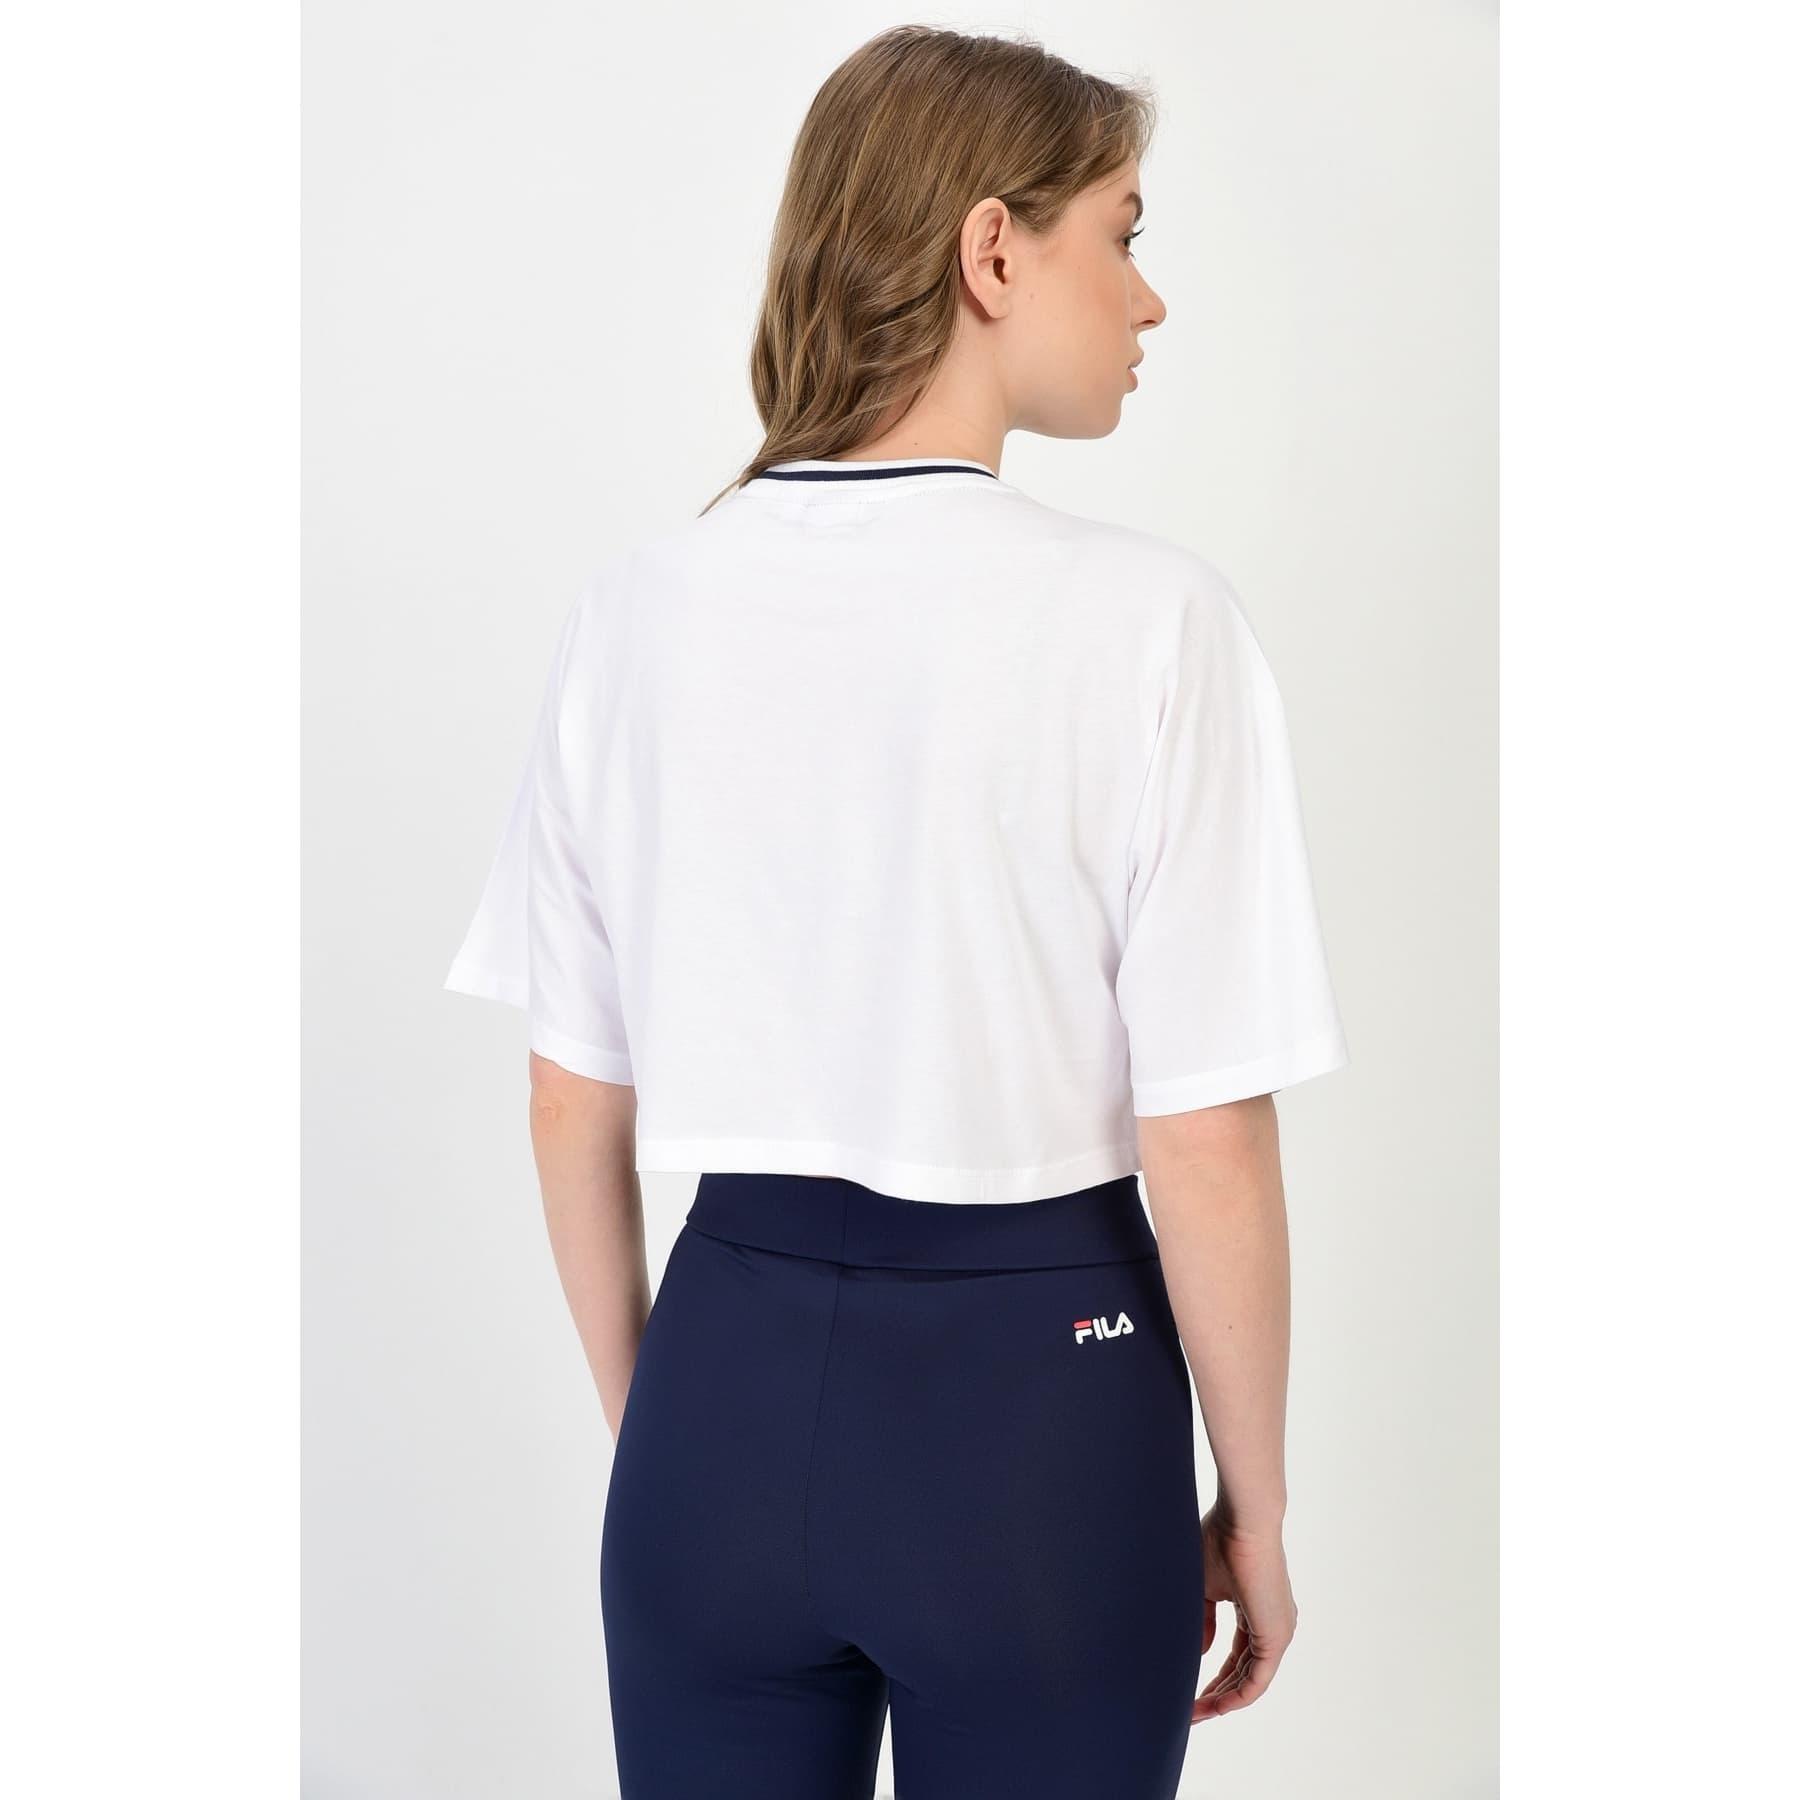 Barr Cropped Wide Kadın Beyaz Tişört (687497_M67)